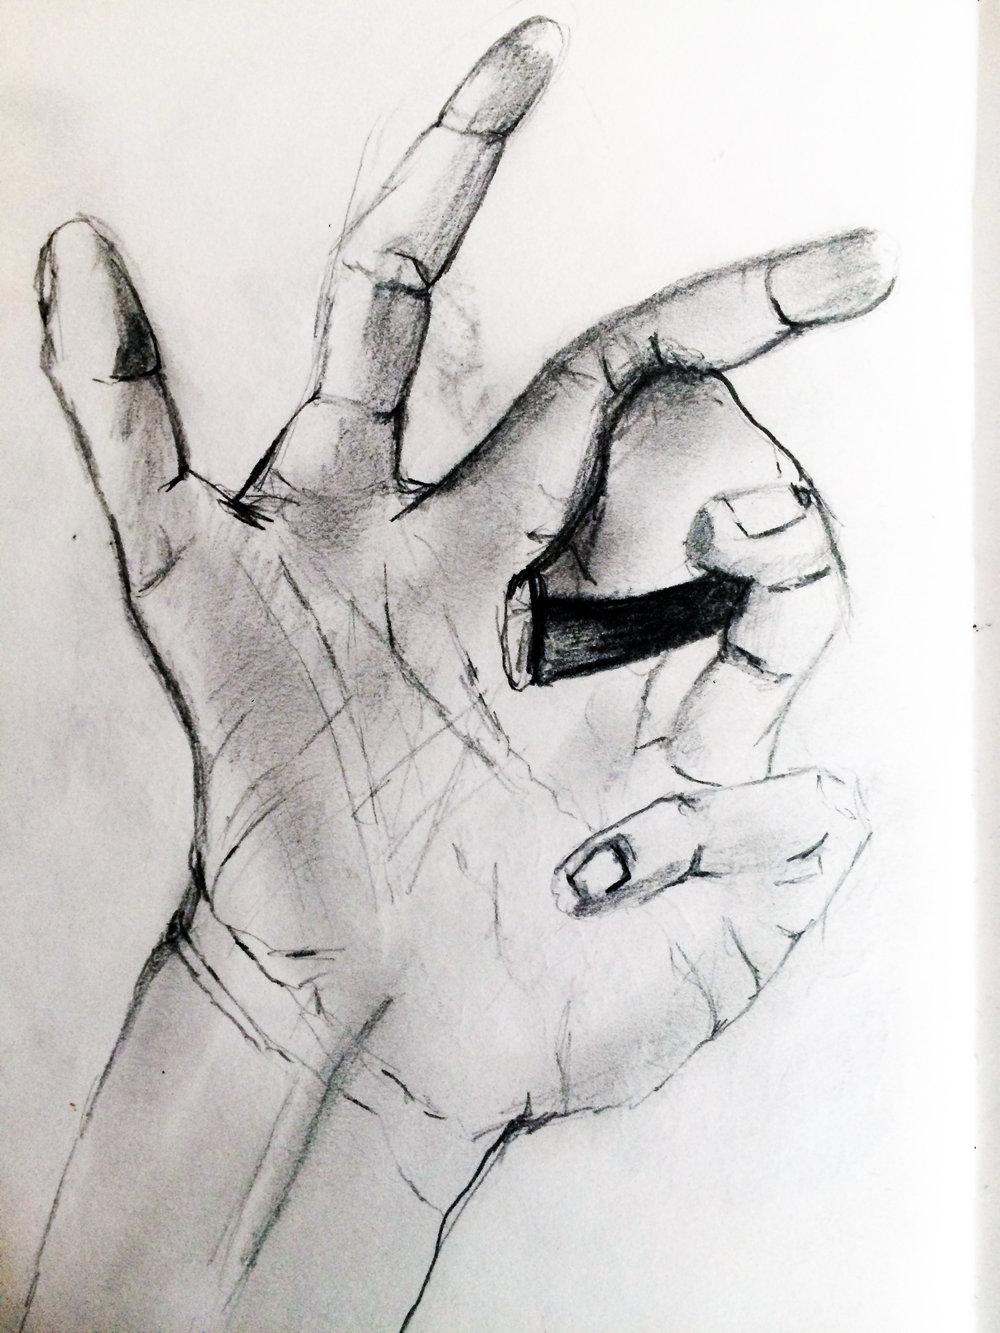 drawinghand1.jpg